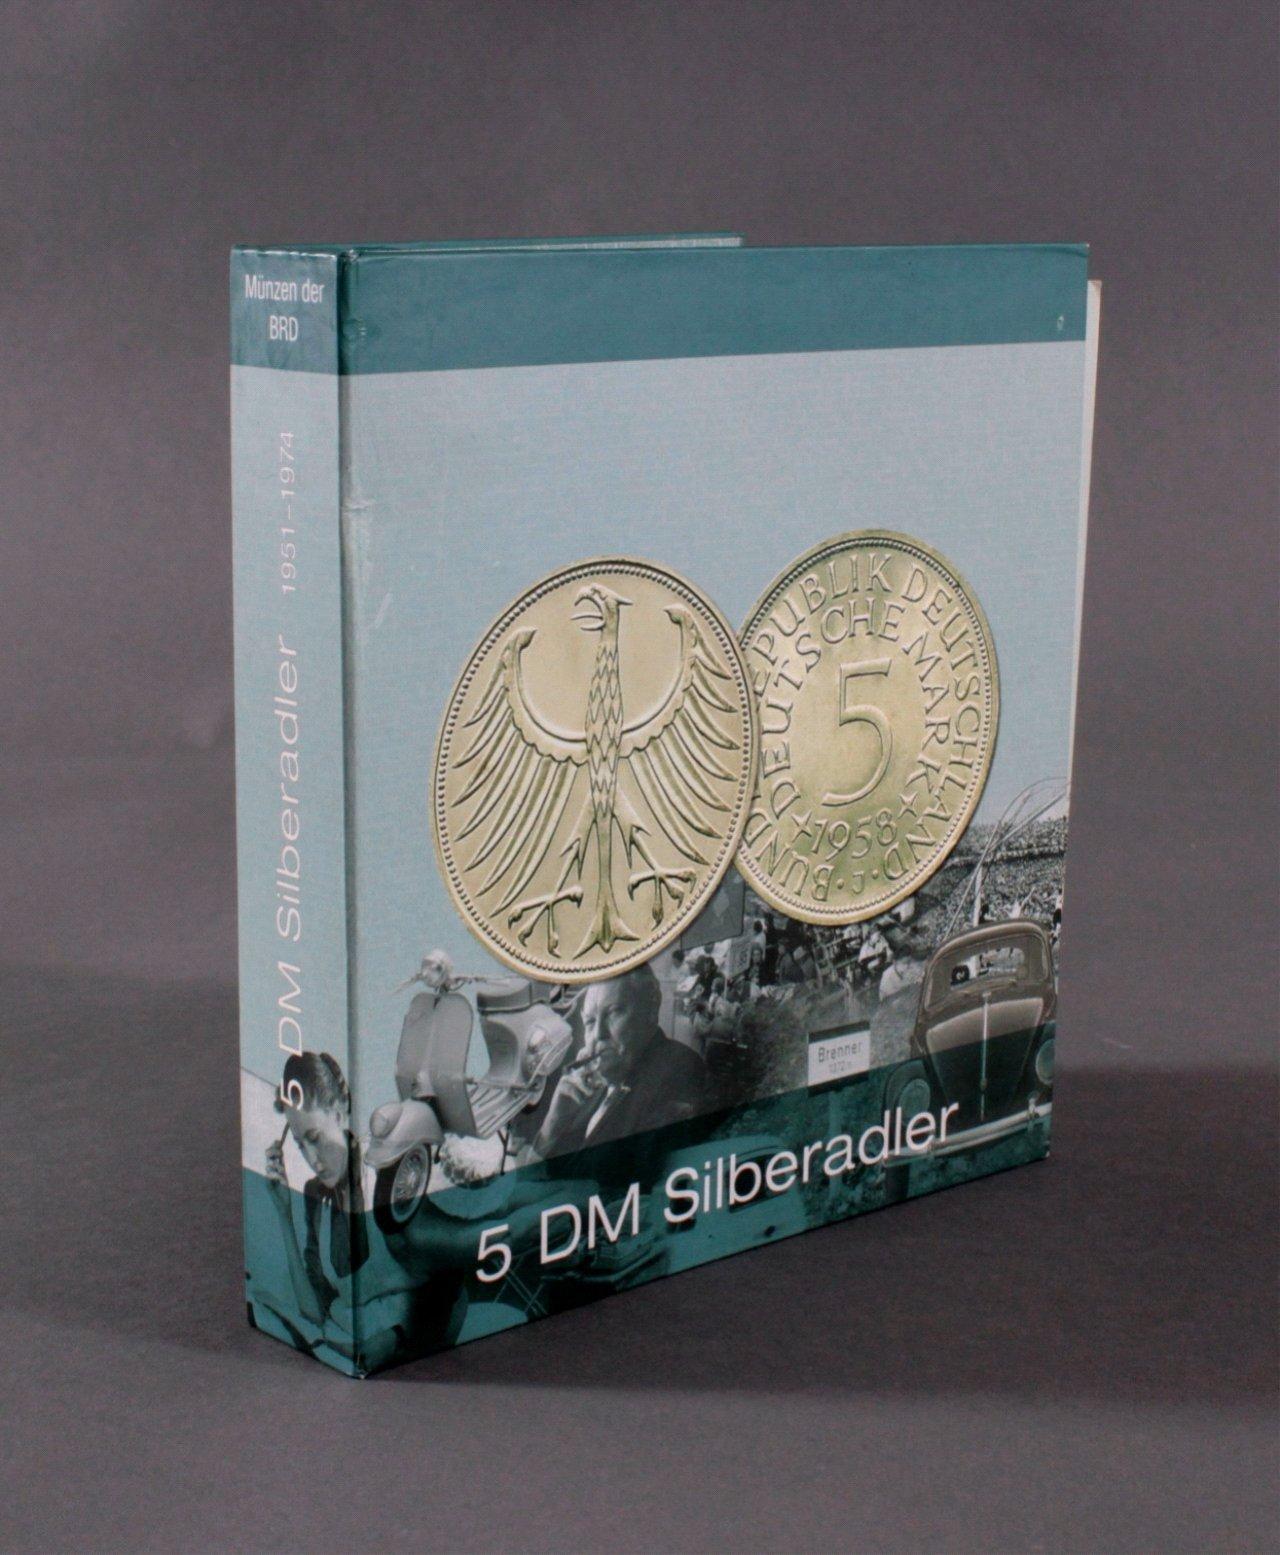 Sammlung 5 DM Silberadler mit Sammelordner, 1951-1974-4